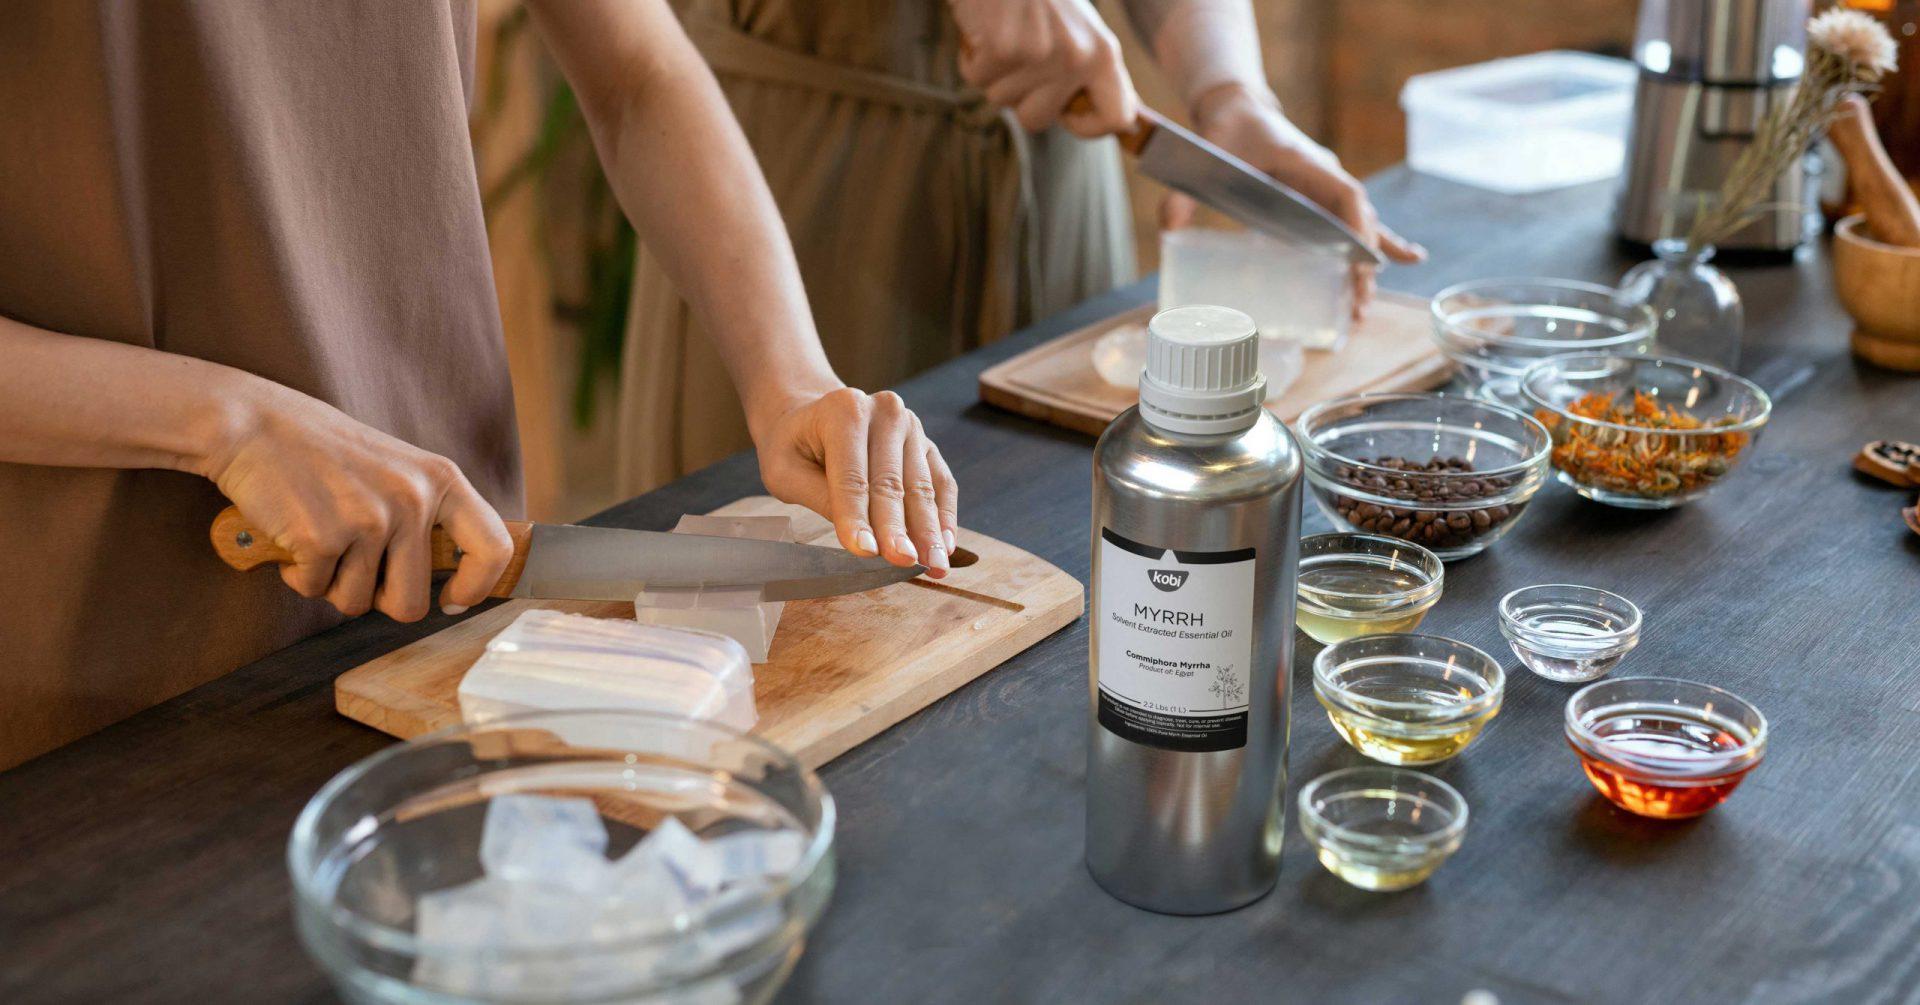 Làm xà phòng từ nhiên từ tinh dầu myrrh